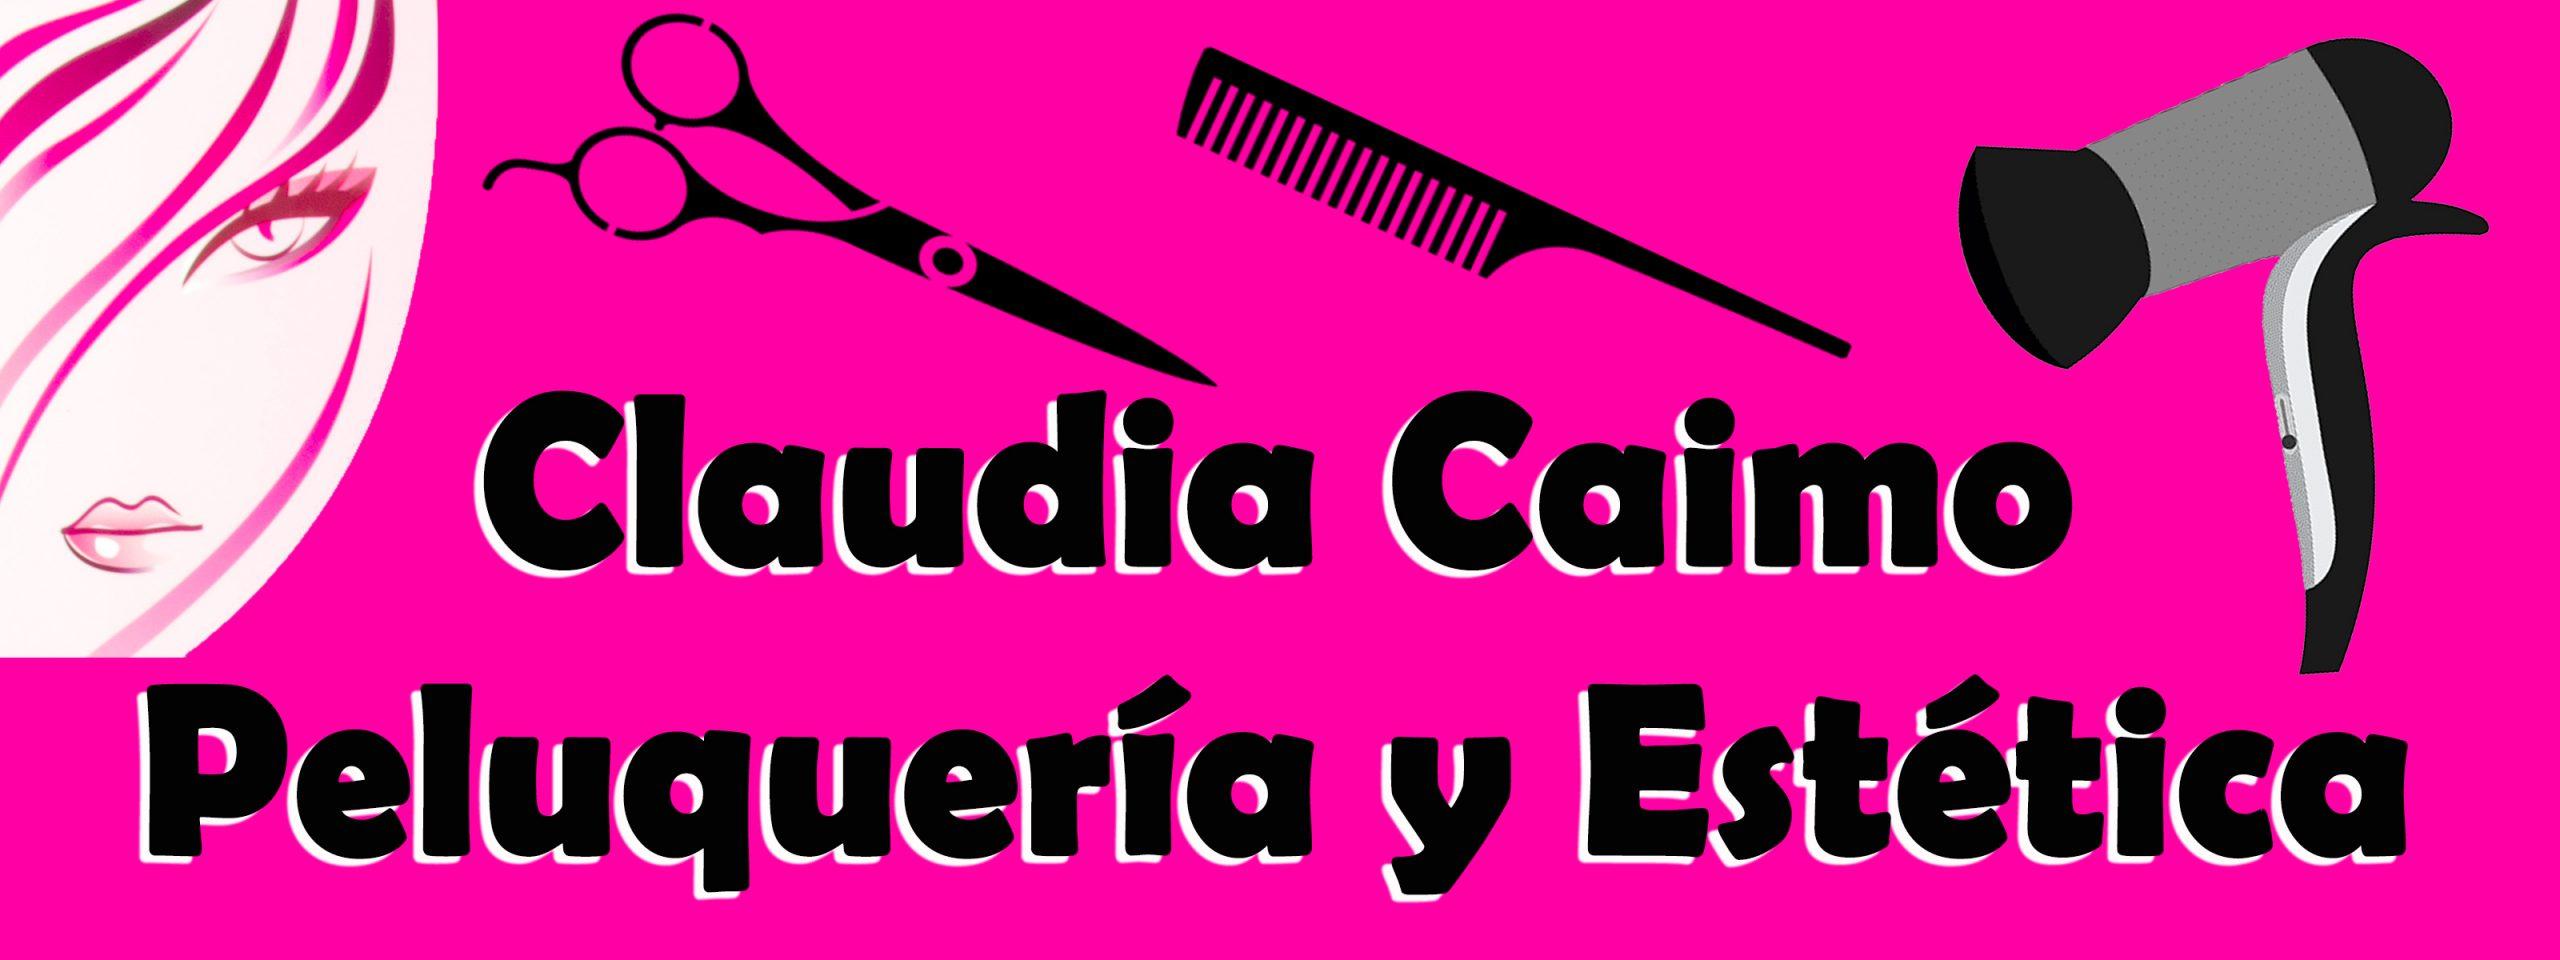 Peluquería Claudia Caimo